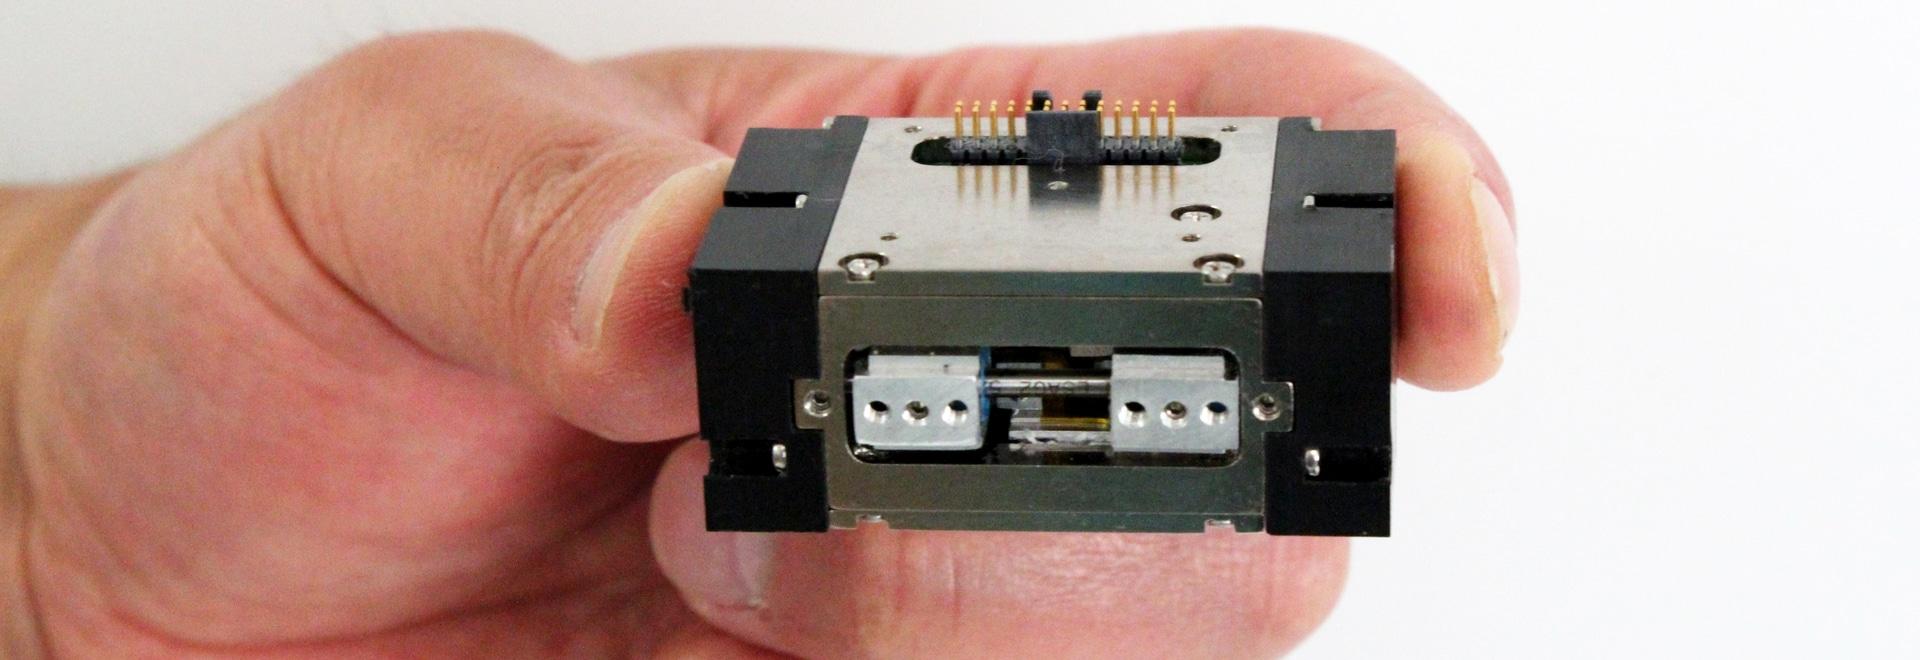 SMAC introduce el agarrador micro programable para manejar piezas frágiles